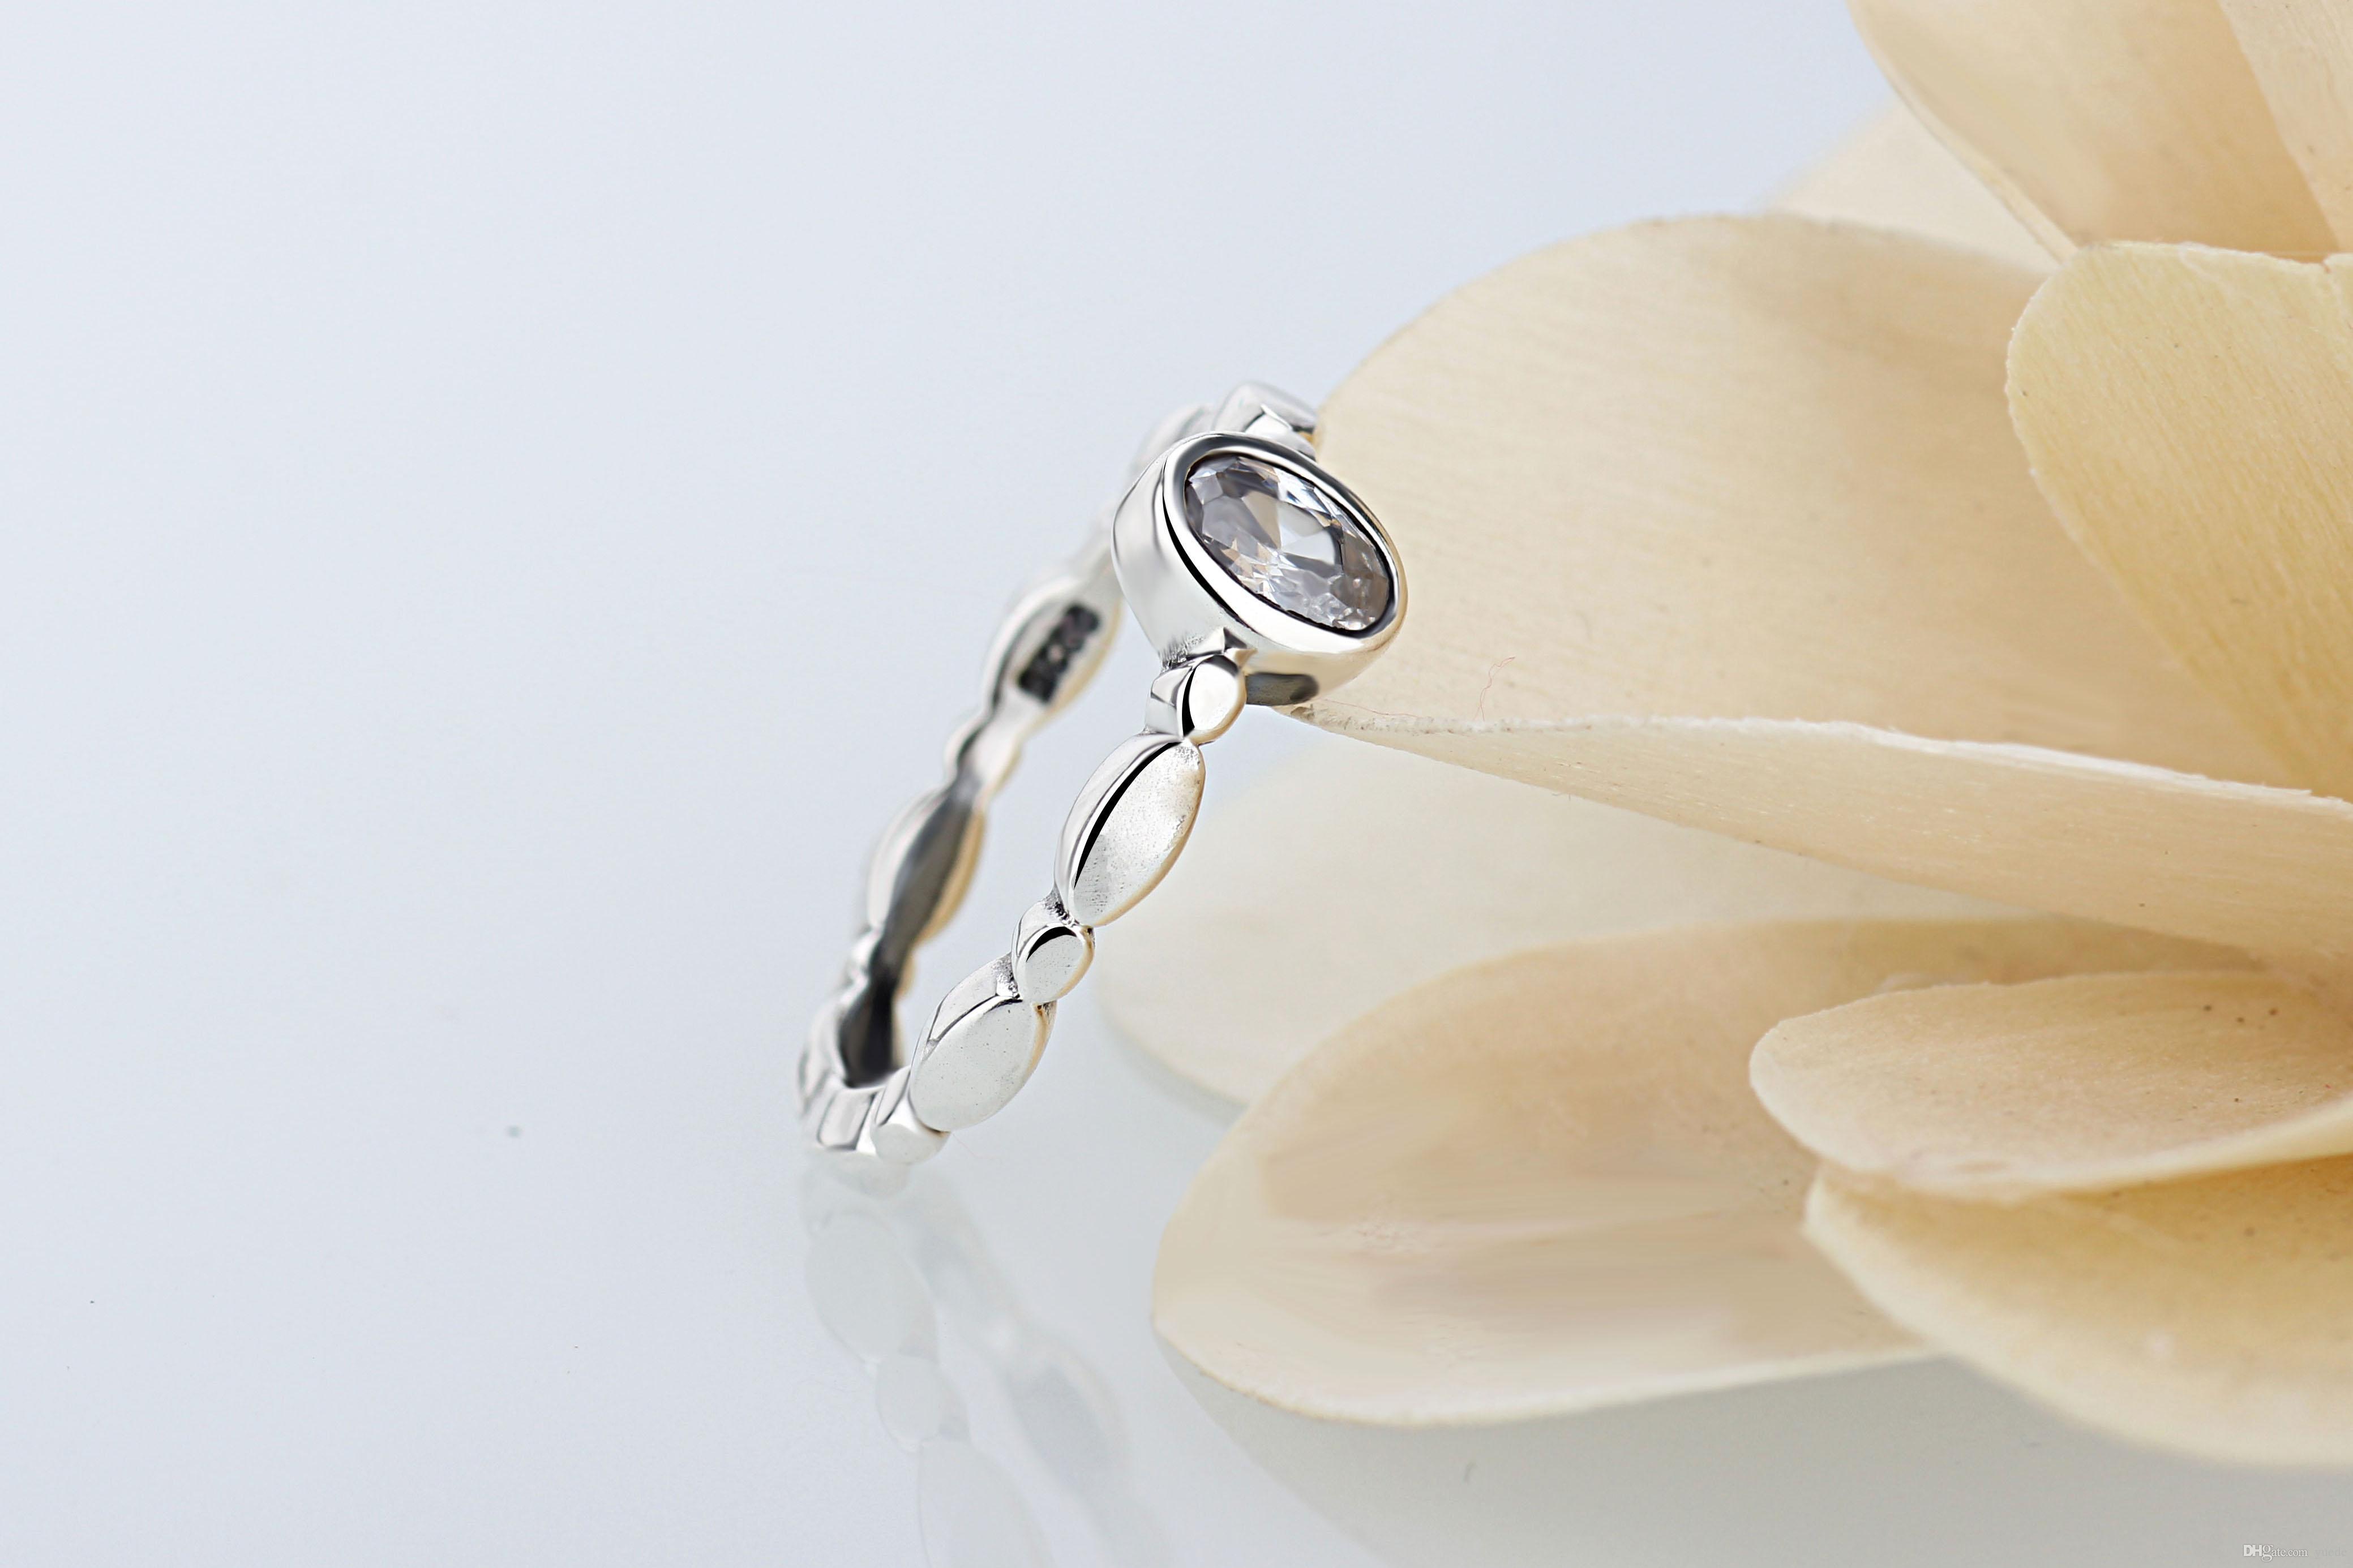 Ein großhandel Einfache boutique ringe 925 Silber Unterschrift Ring Fit Pandora Zirkonia Jahrestag Schmuck für Frauen weihnachtsgeschenk